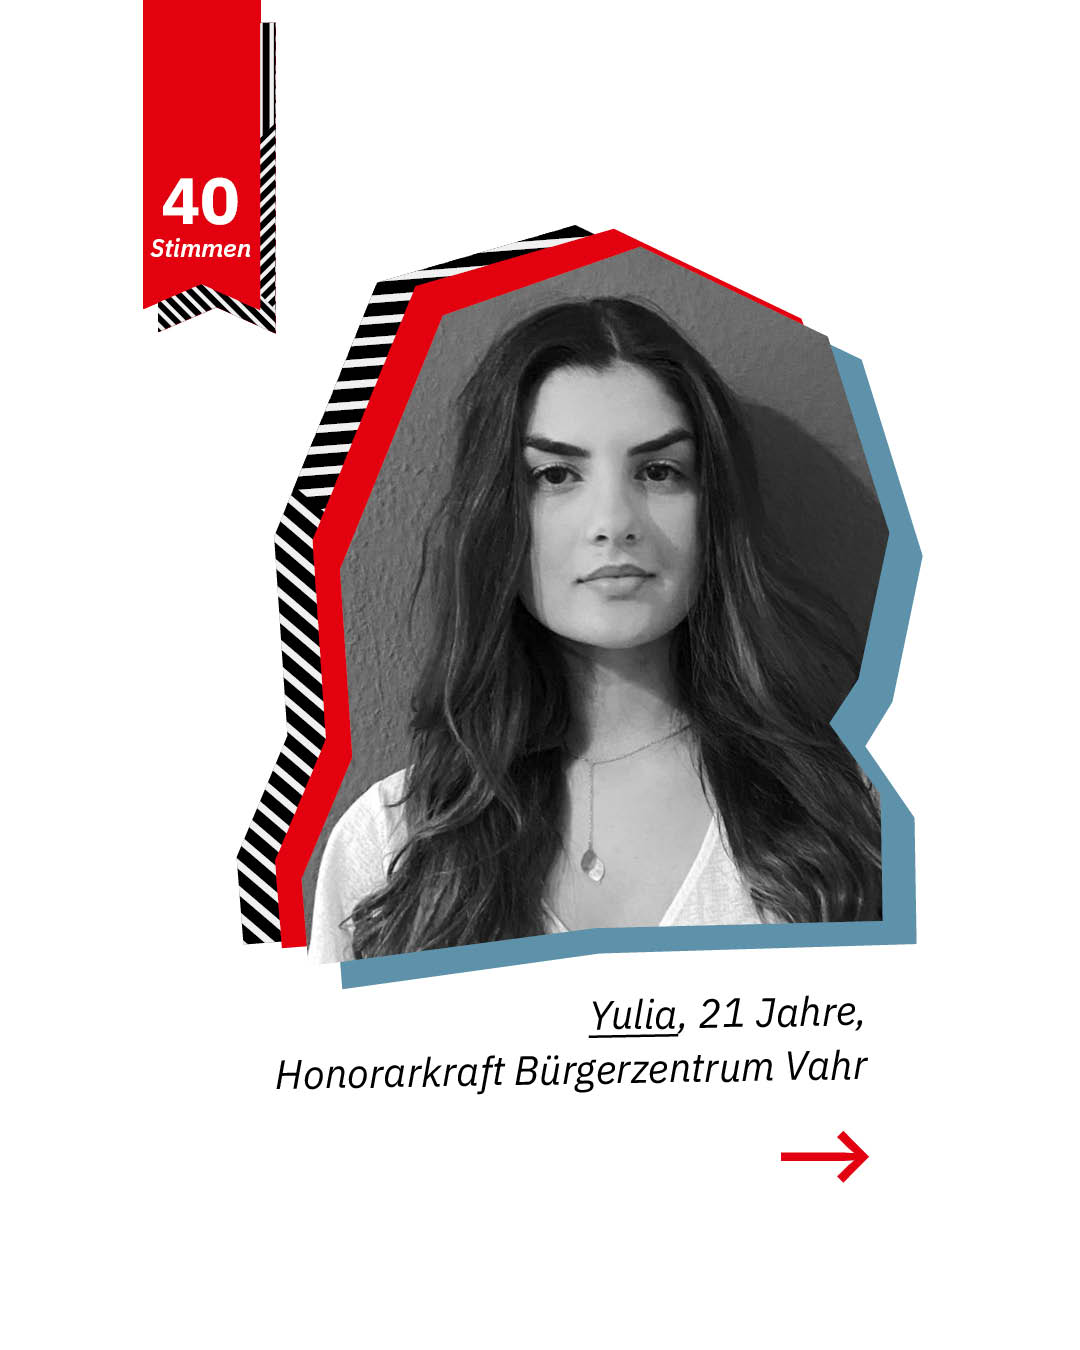 Statement 40 Jahre Gleichberechtigung, Yulia, Honorarkraft Bürgerzentrum Vahr